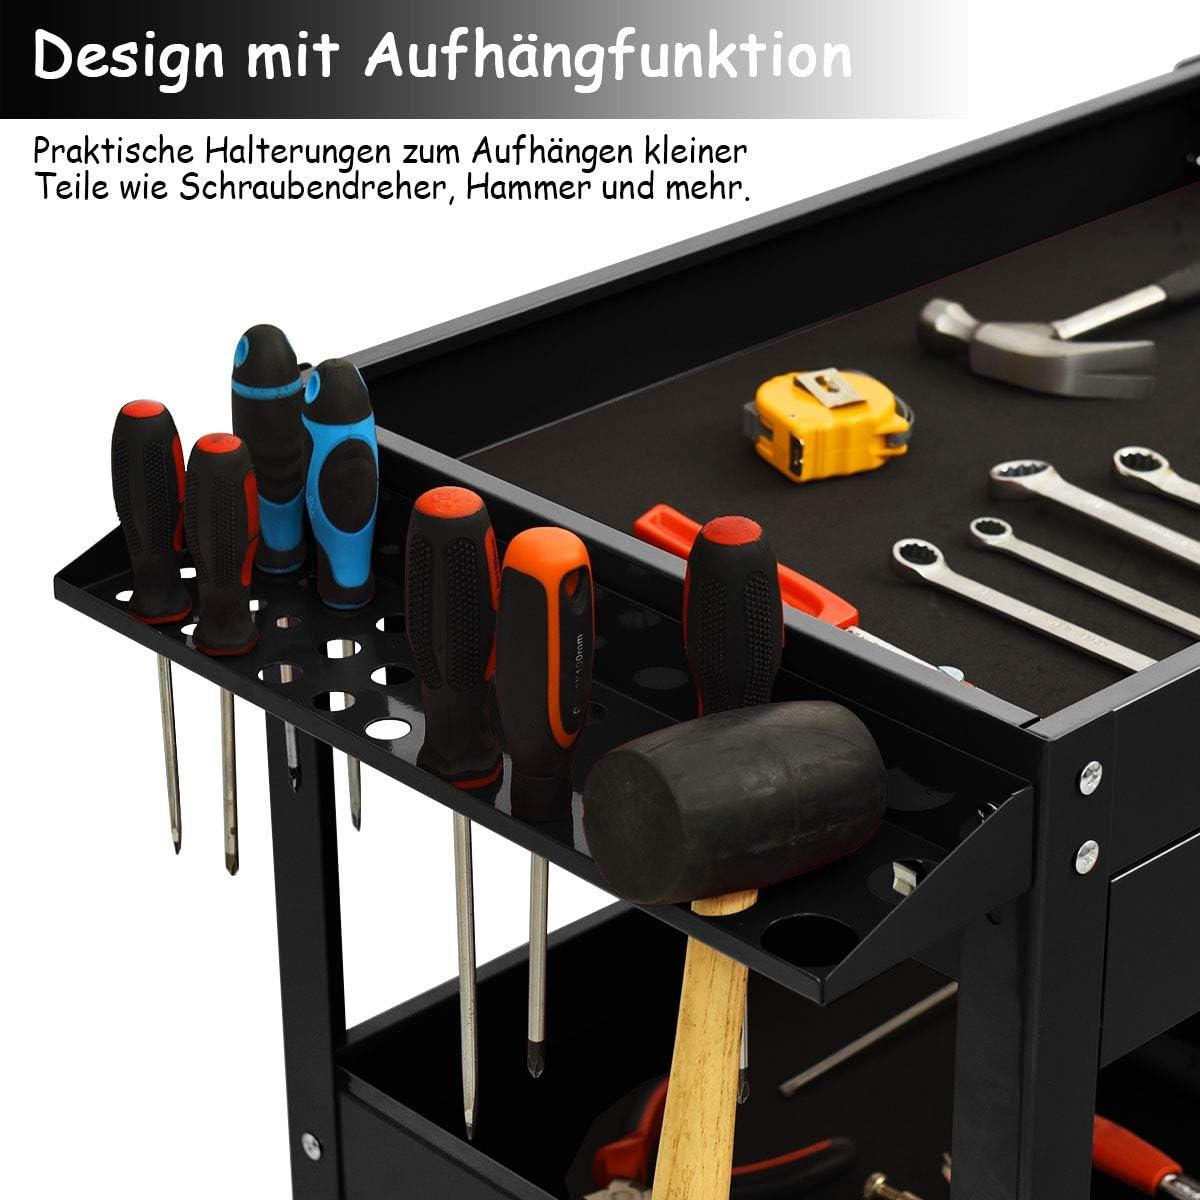 COSTWAY Werkzeugwagen mit Schublade Rollwagen Werkstattwagen 3 Etagen Handwagen Werkstatt Montagewagen Metall schwarz